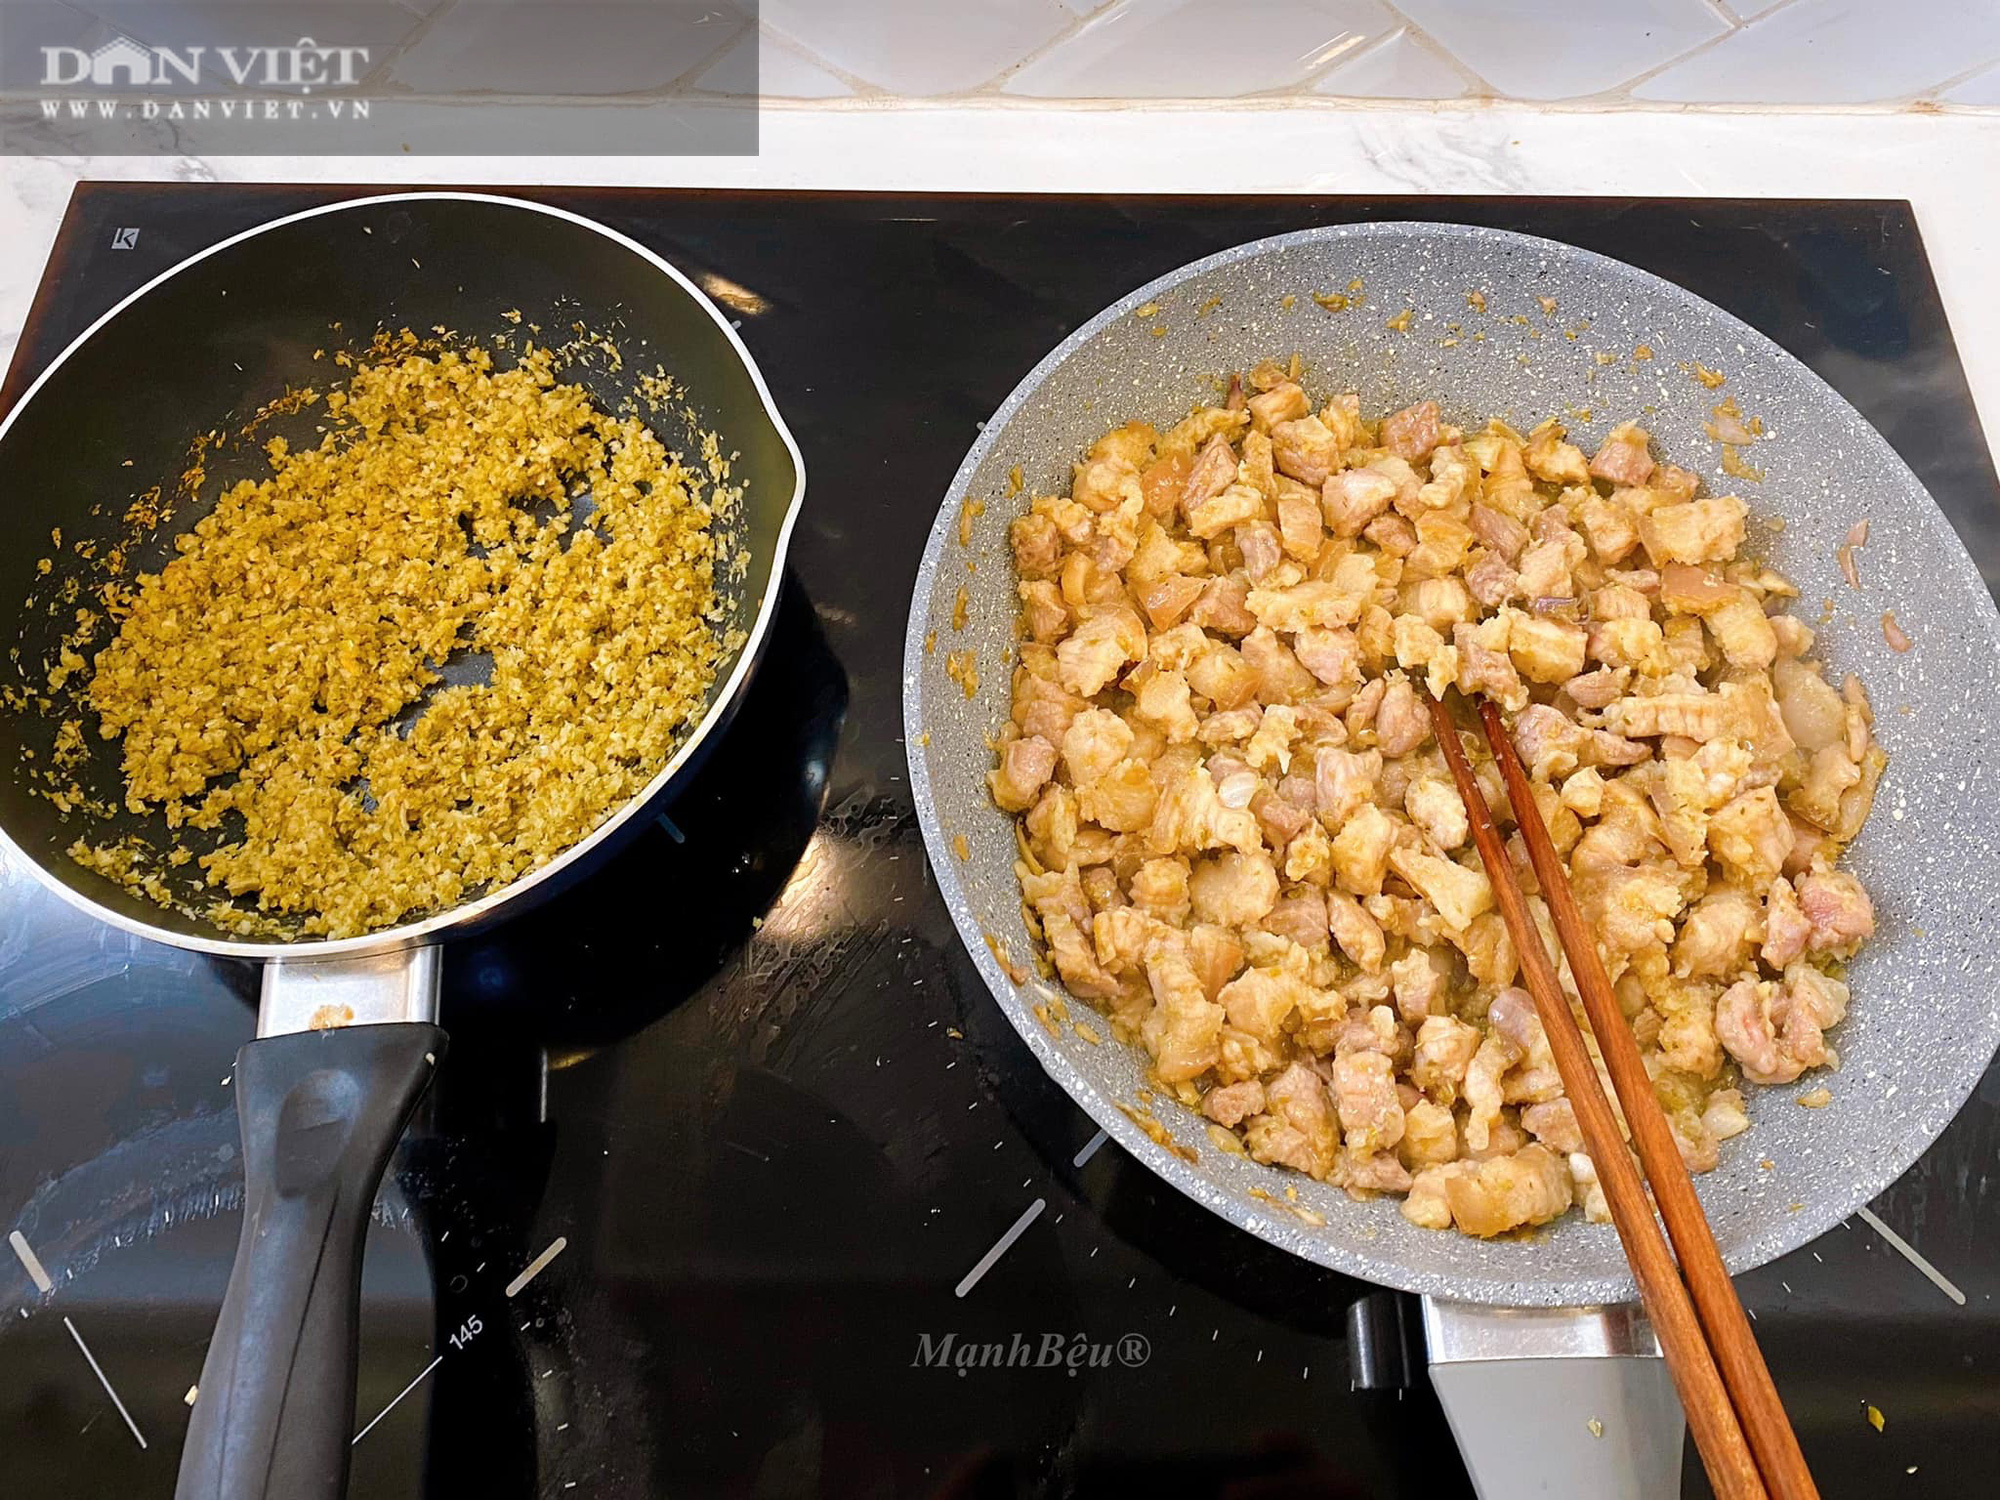 Cách làm món thịt ba rọi ruốc sả hấp dẫn đưa cơm - Ảnh 4.